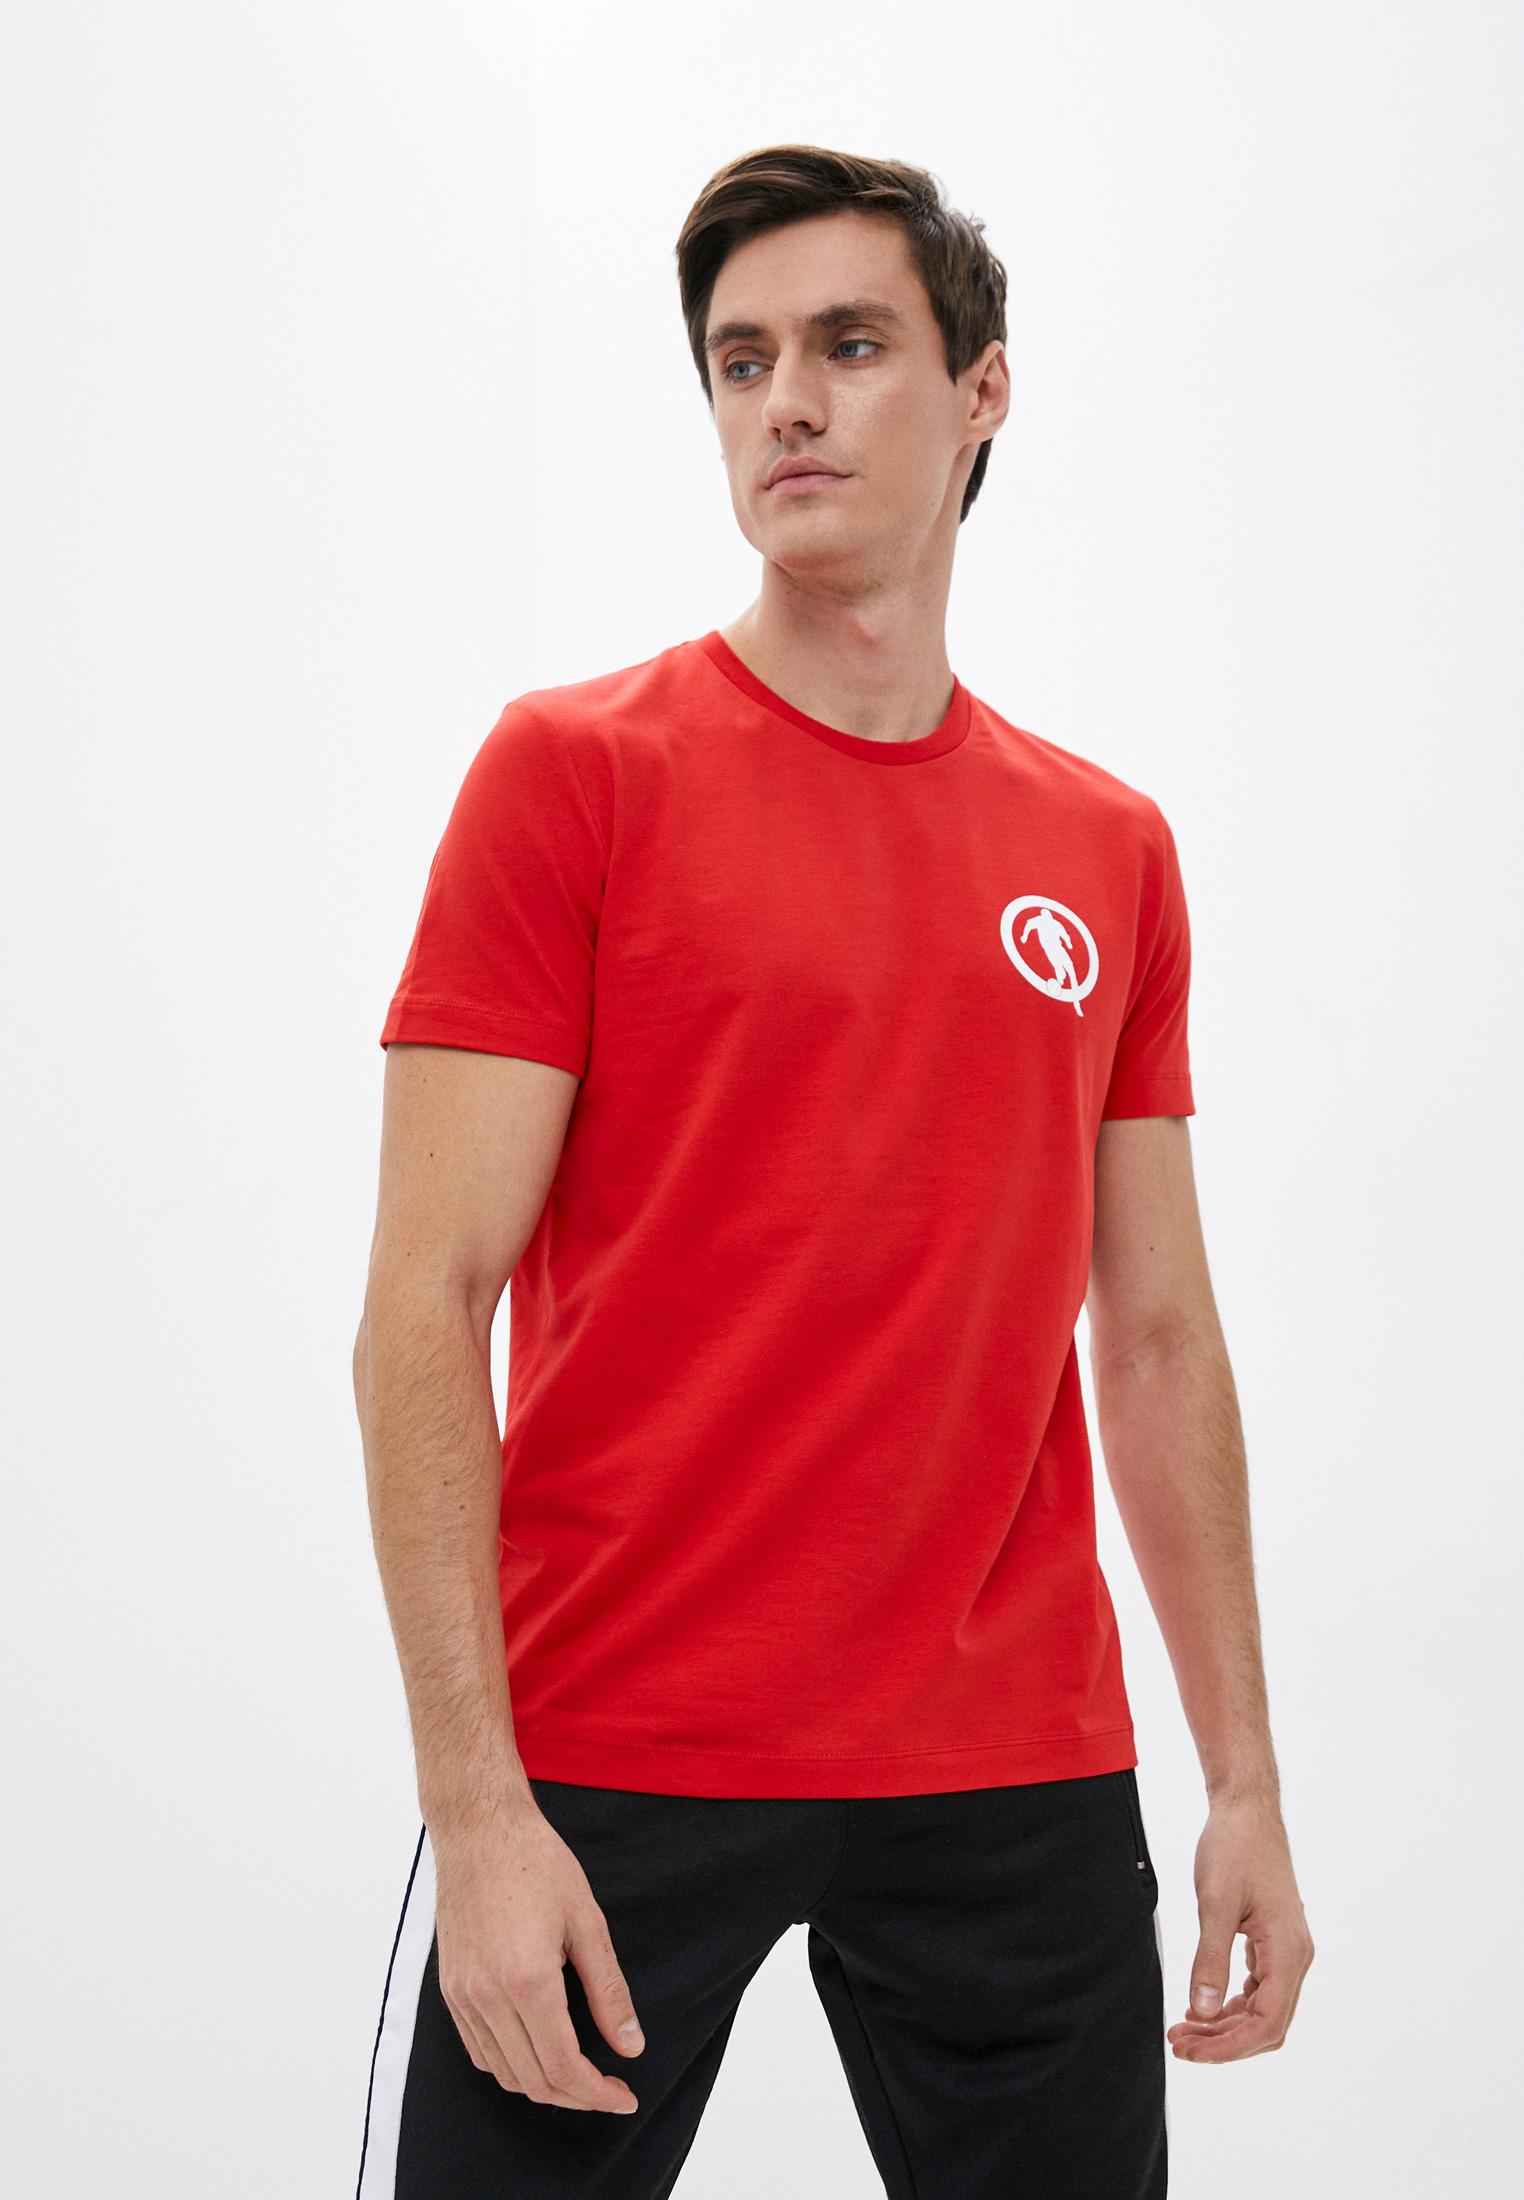 Мужская футболка Bikkembergs (Биккембергс) C 7 001 7G E 1951